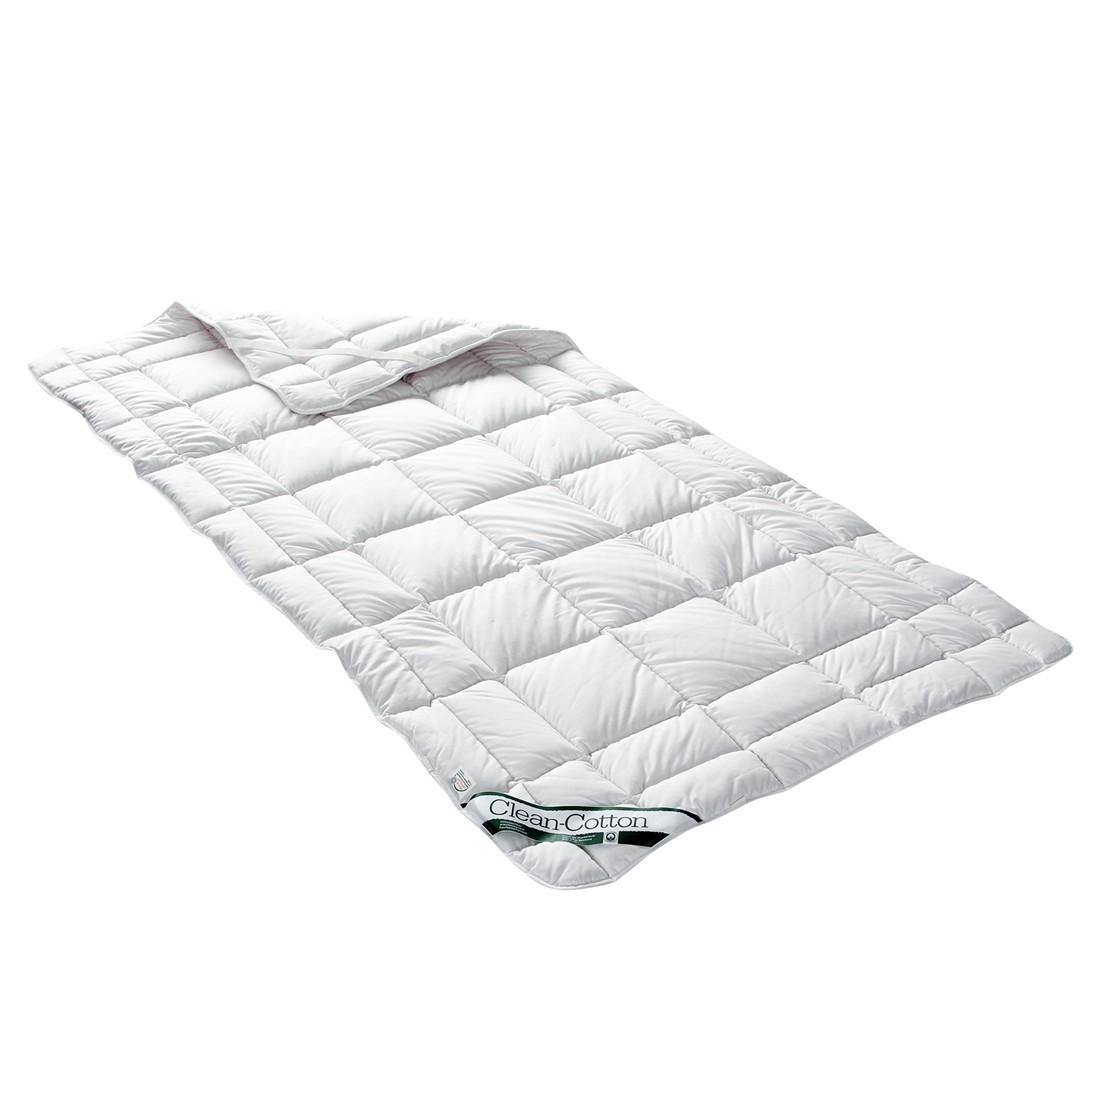 Spannauflage Clean Cotton - Baumwollfüllung - 160 x 200 cm, Badenia